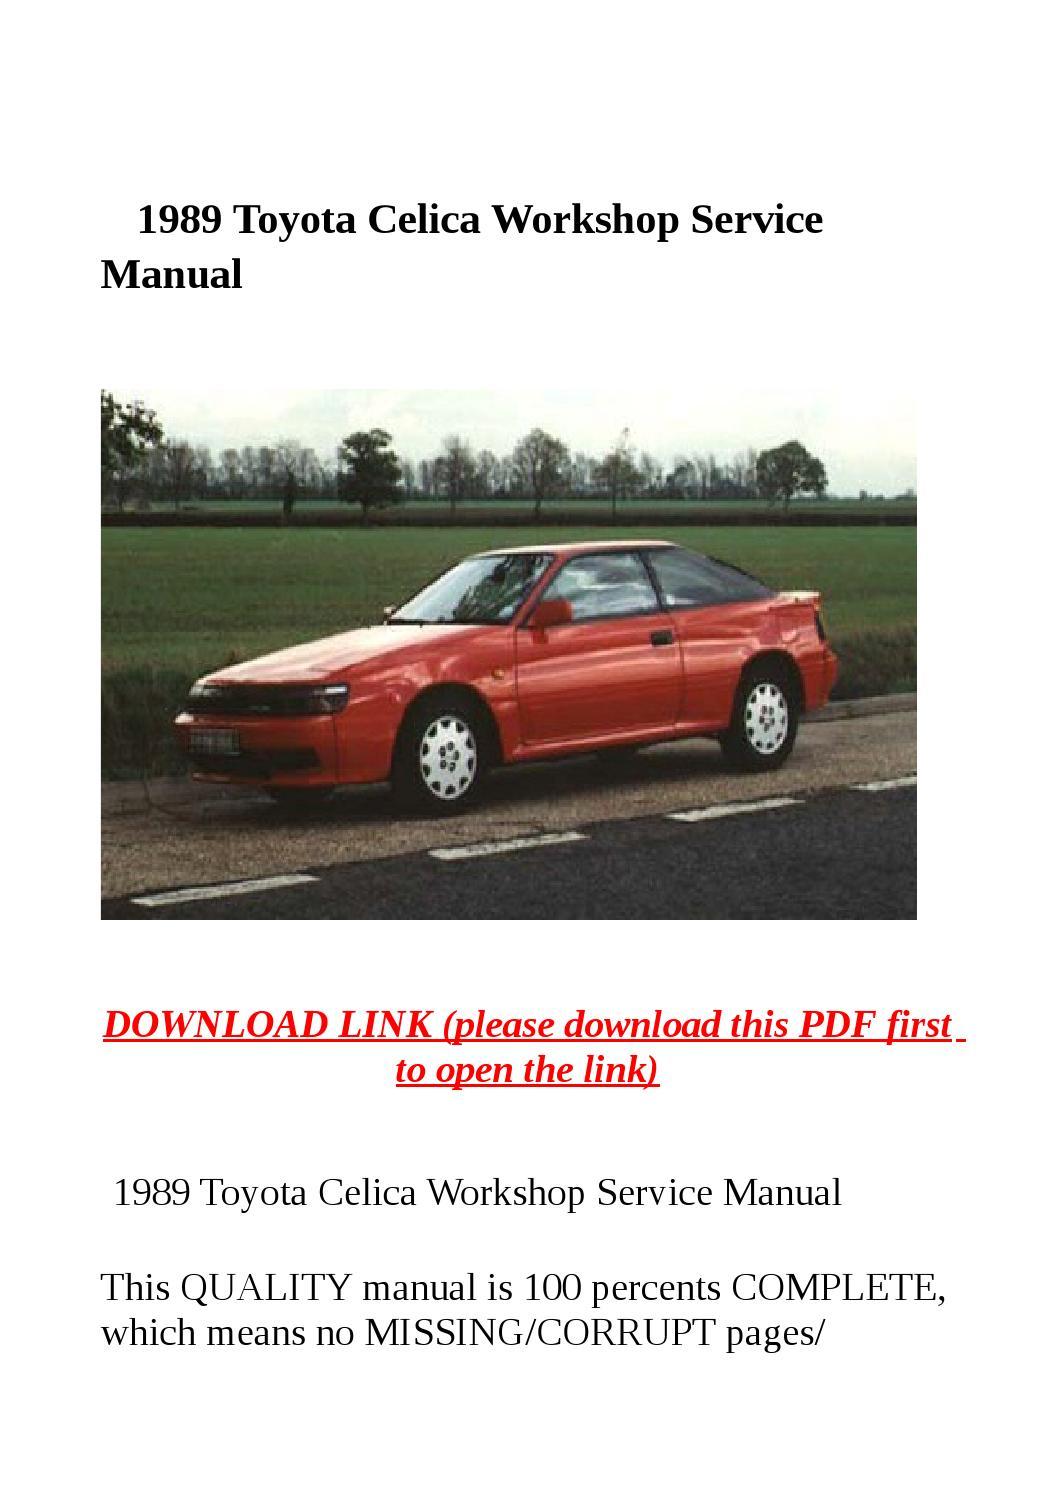 1982 toyota celica workshop manual download